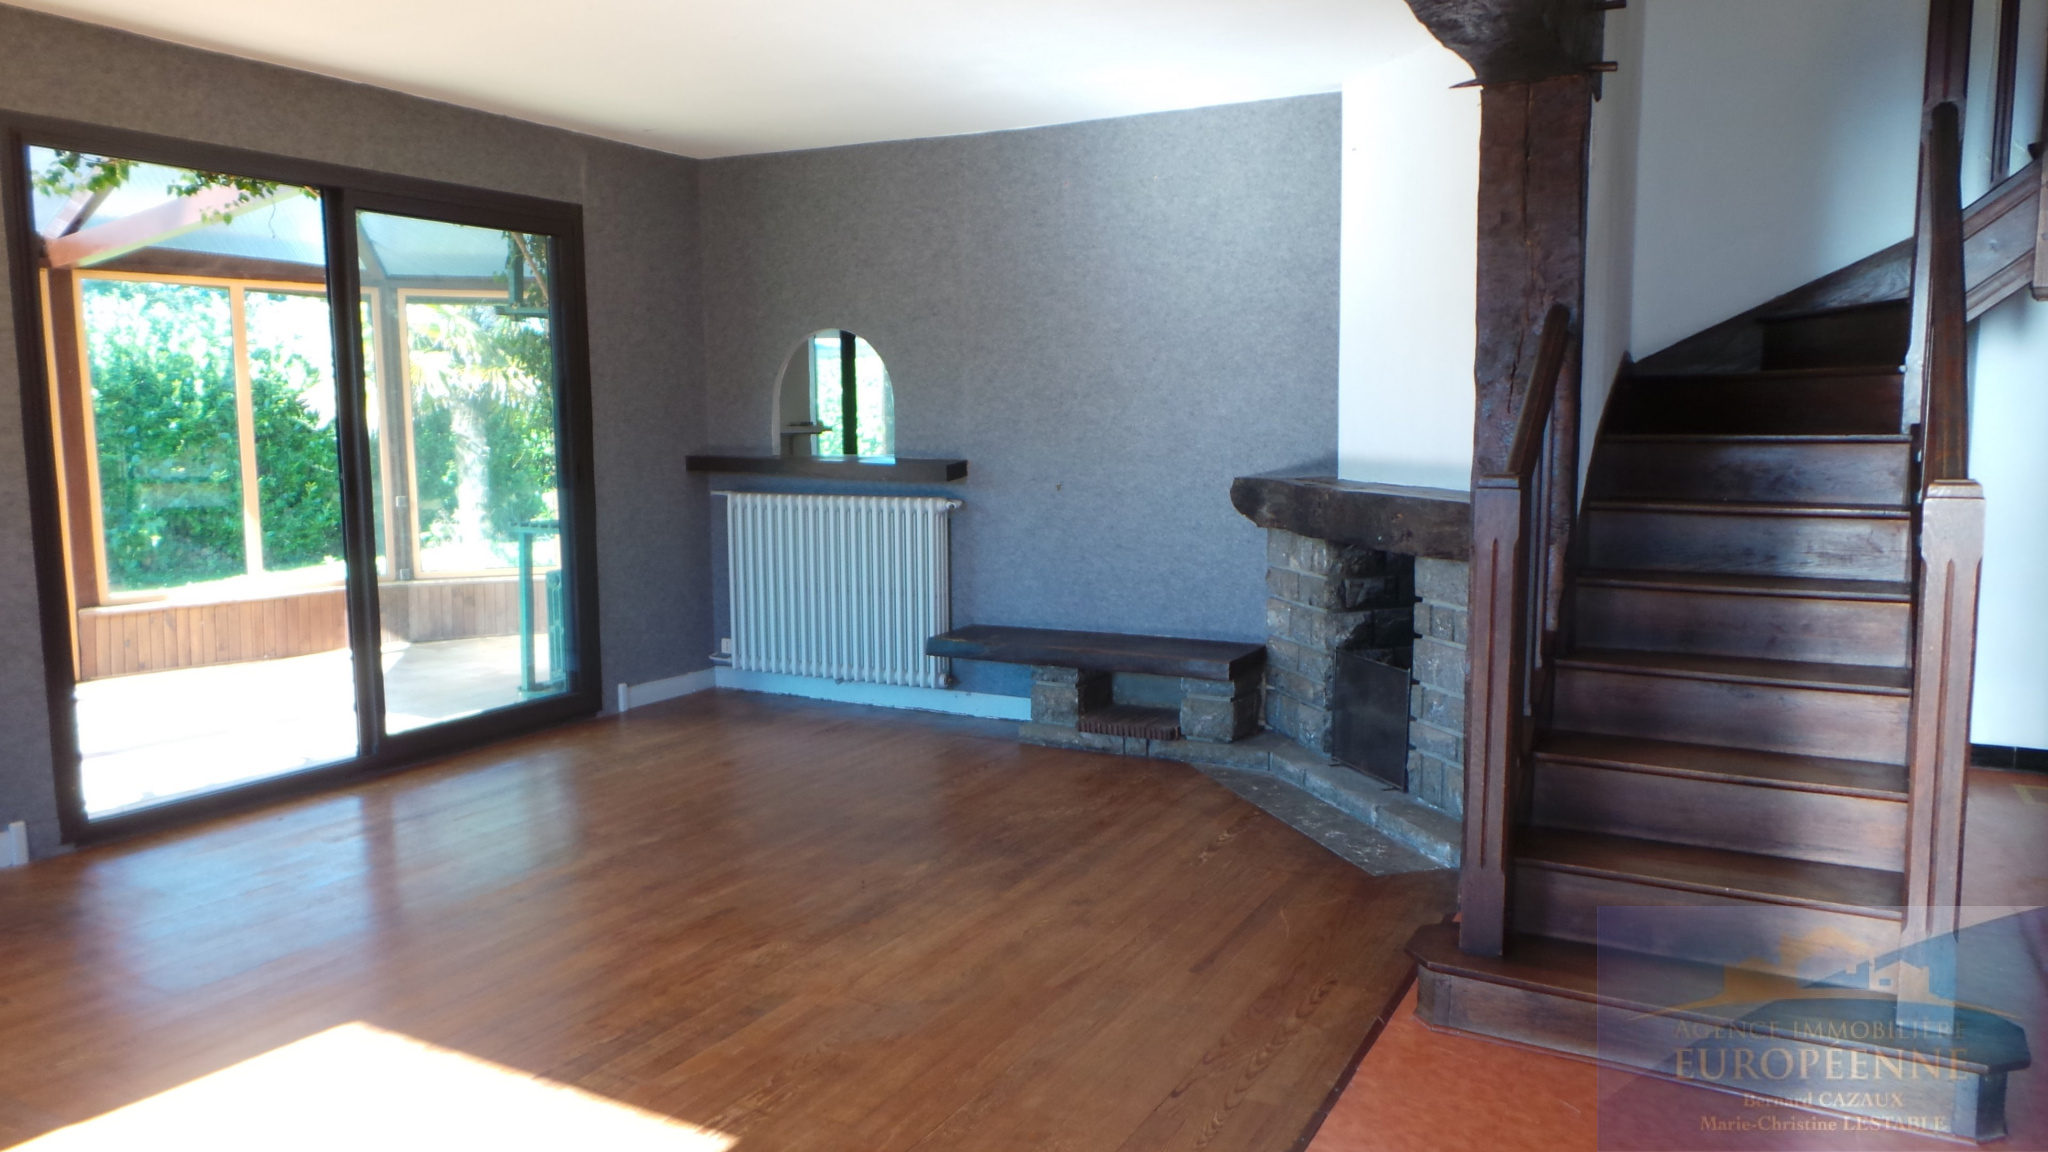 vente baisse de prix en plein coeur du village pontacquais cette maison familiale de 113m sur. Black Bedroom Furniture Sets. Home Design Ideas